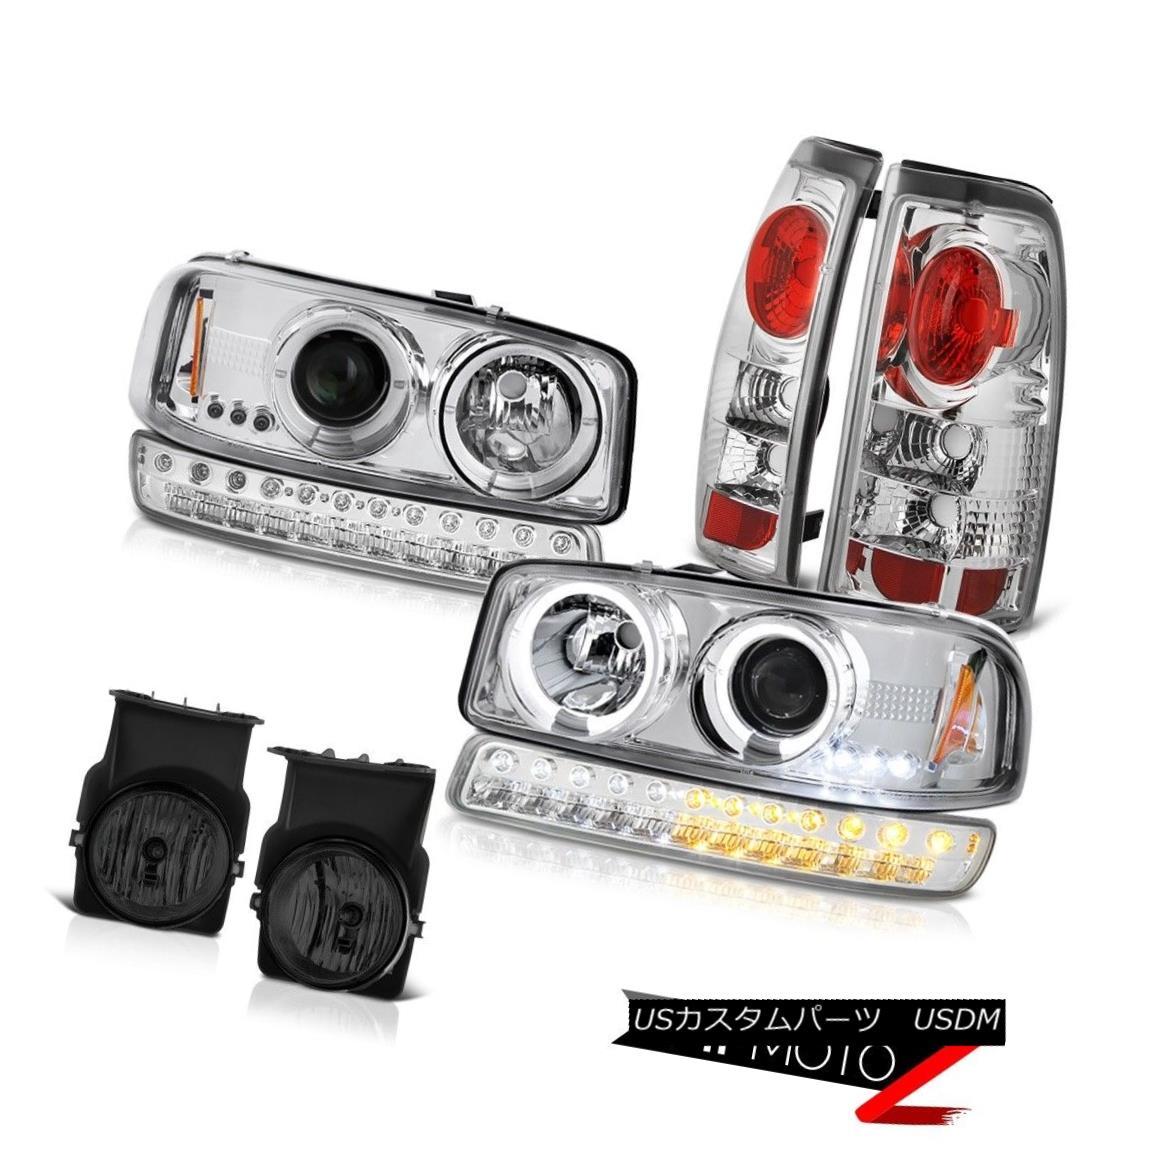 テールライト 03-06 Sierra 2500HD Titanium Smoke Fog Lights Tail Brake Bumper Light Headlamps 03-06 Sierra 2500HDチタンスモークフォグライトテールブレーキバンパーライトヘッドランプ